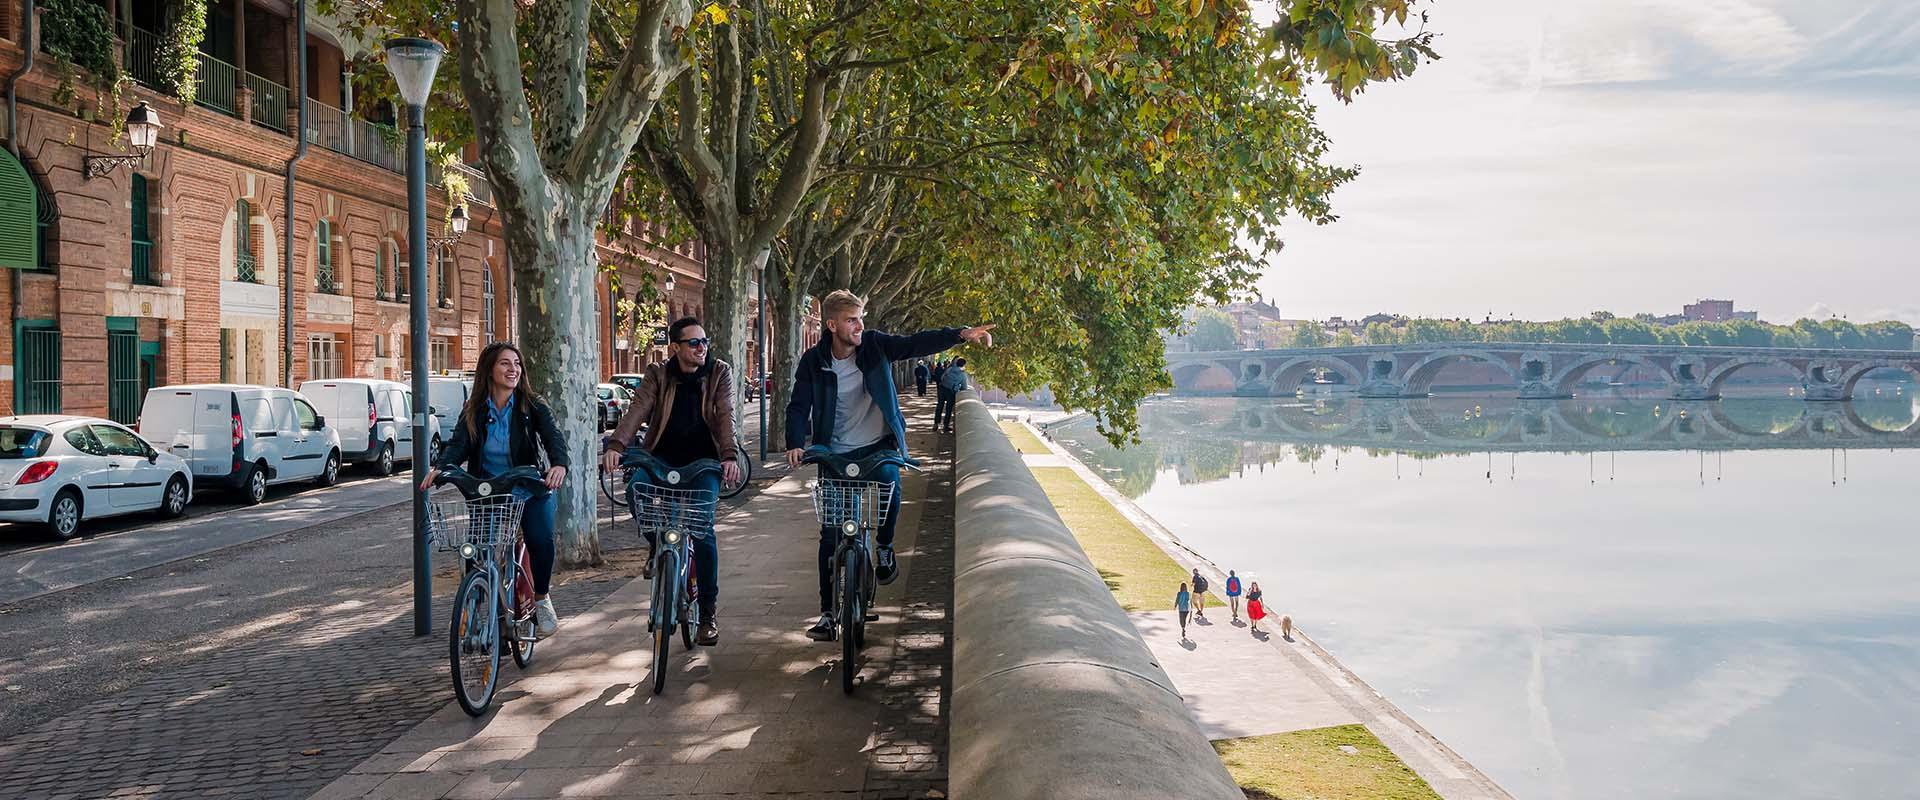 Balade à vélo en bord de Garonne entre amis à Toulouse